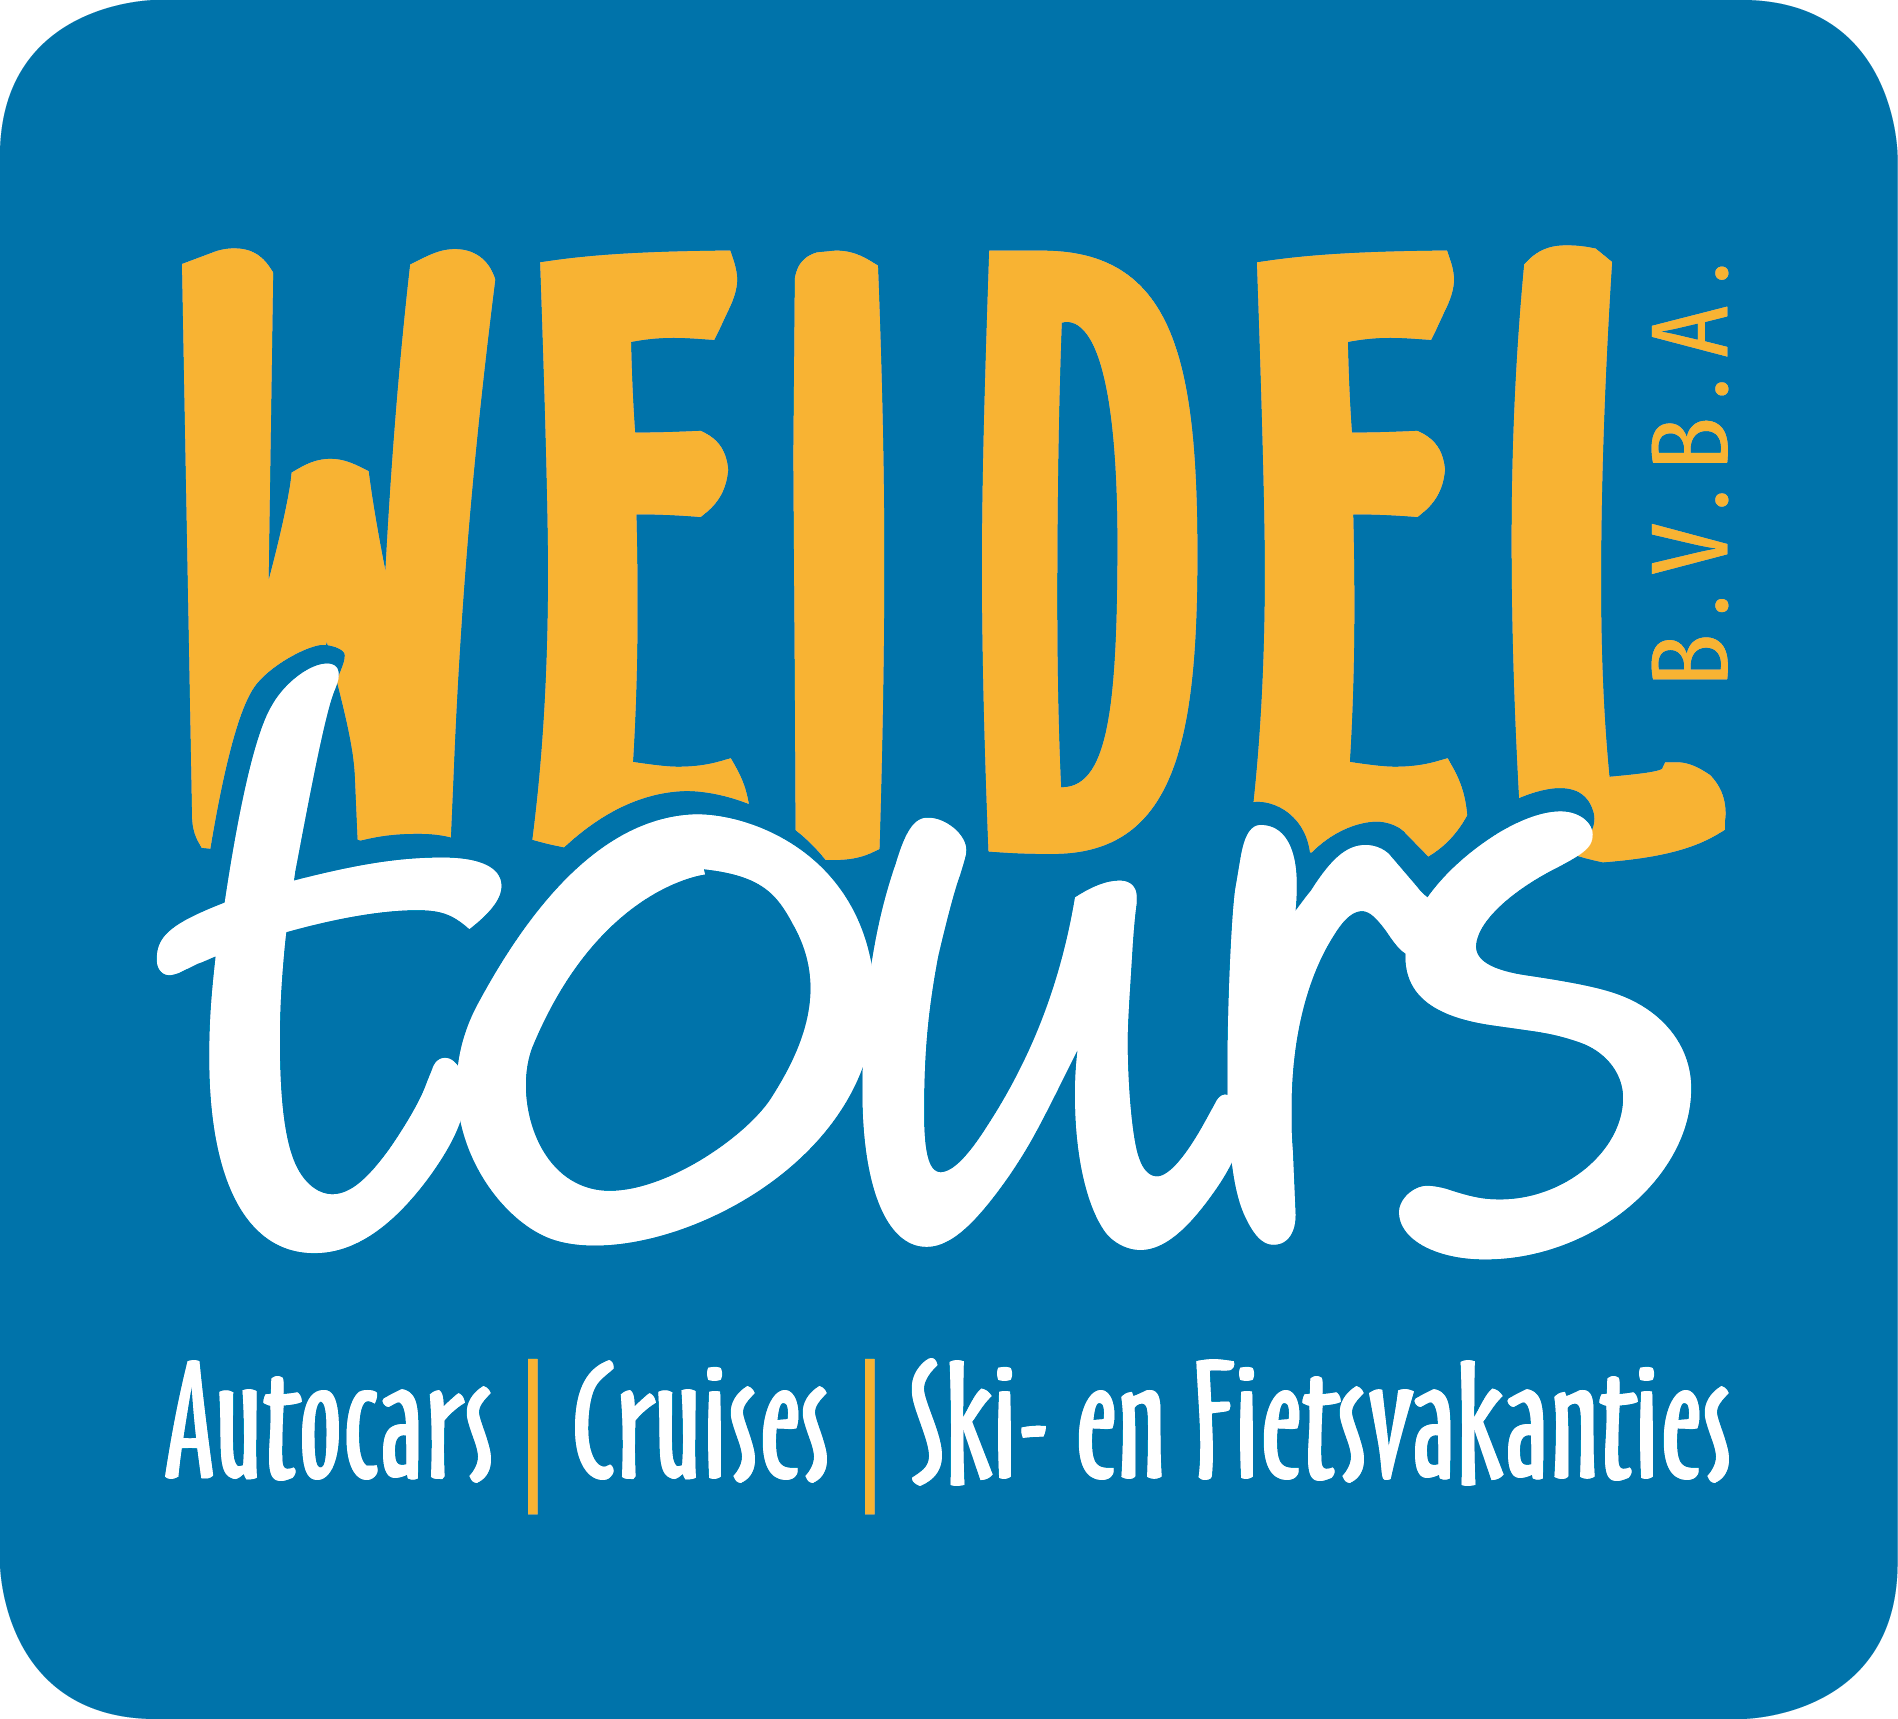 Logo van Weidel Tours